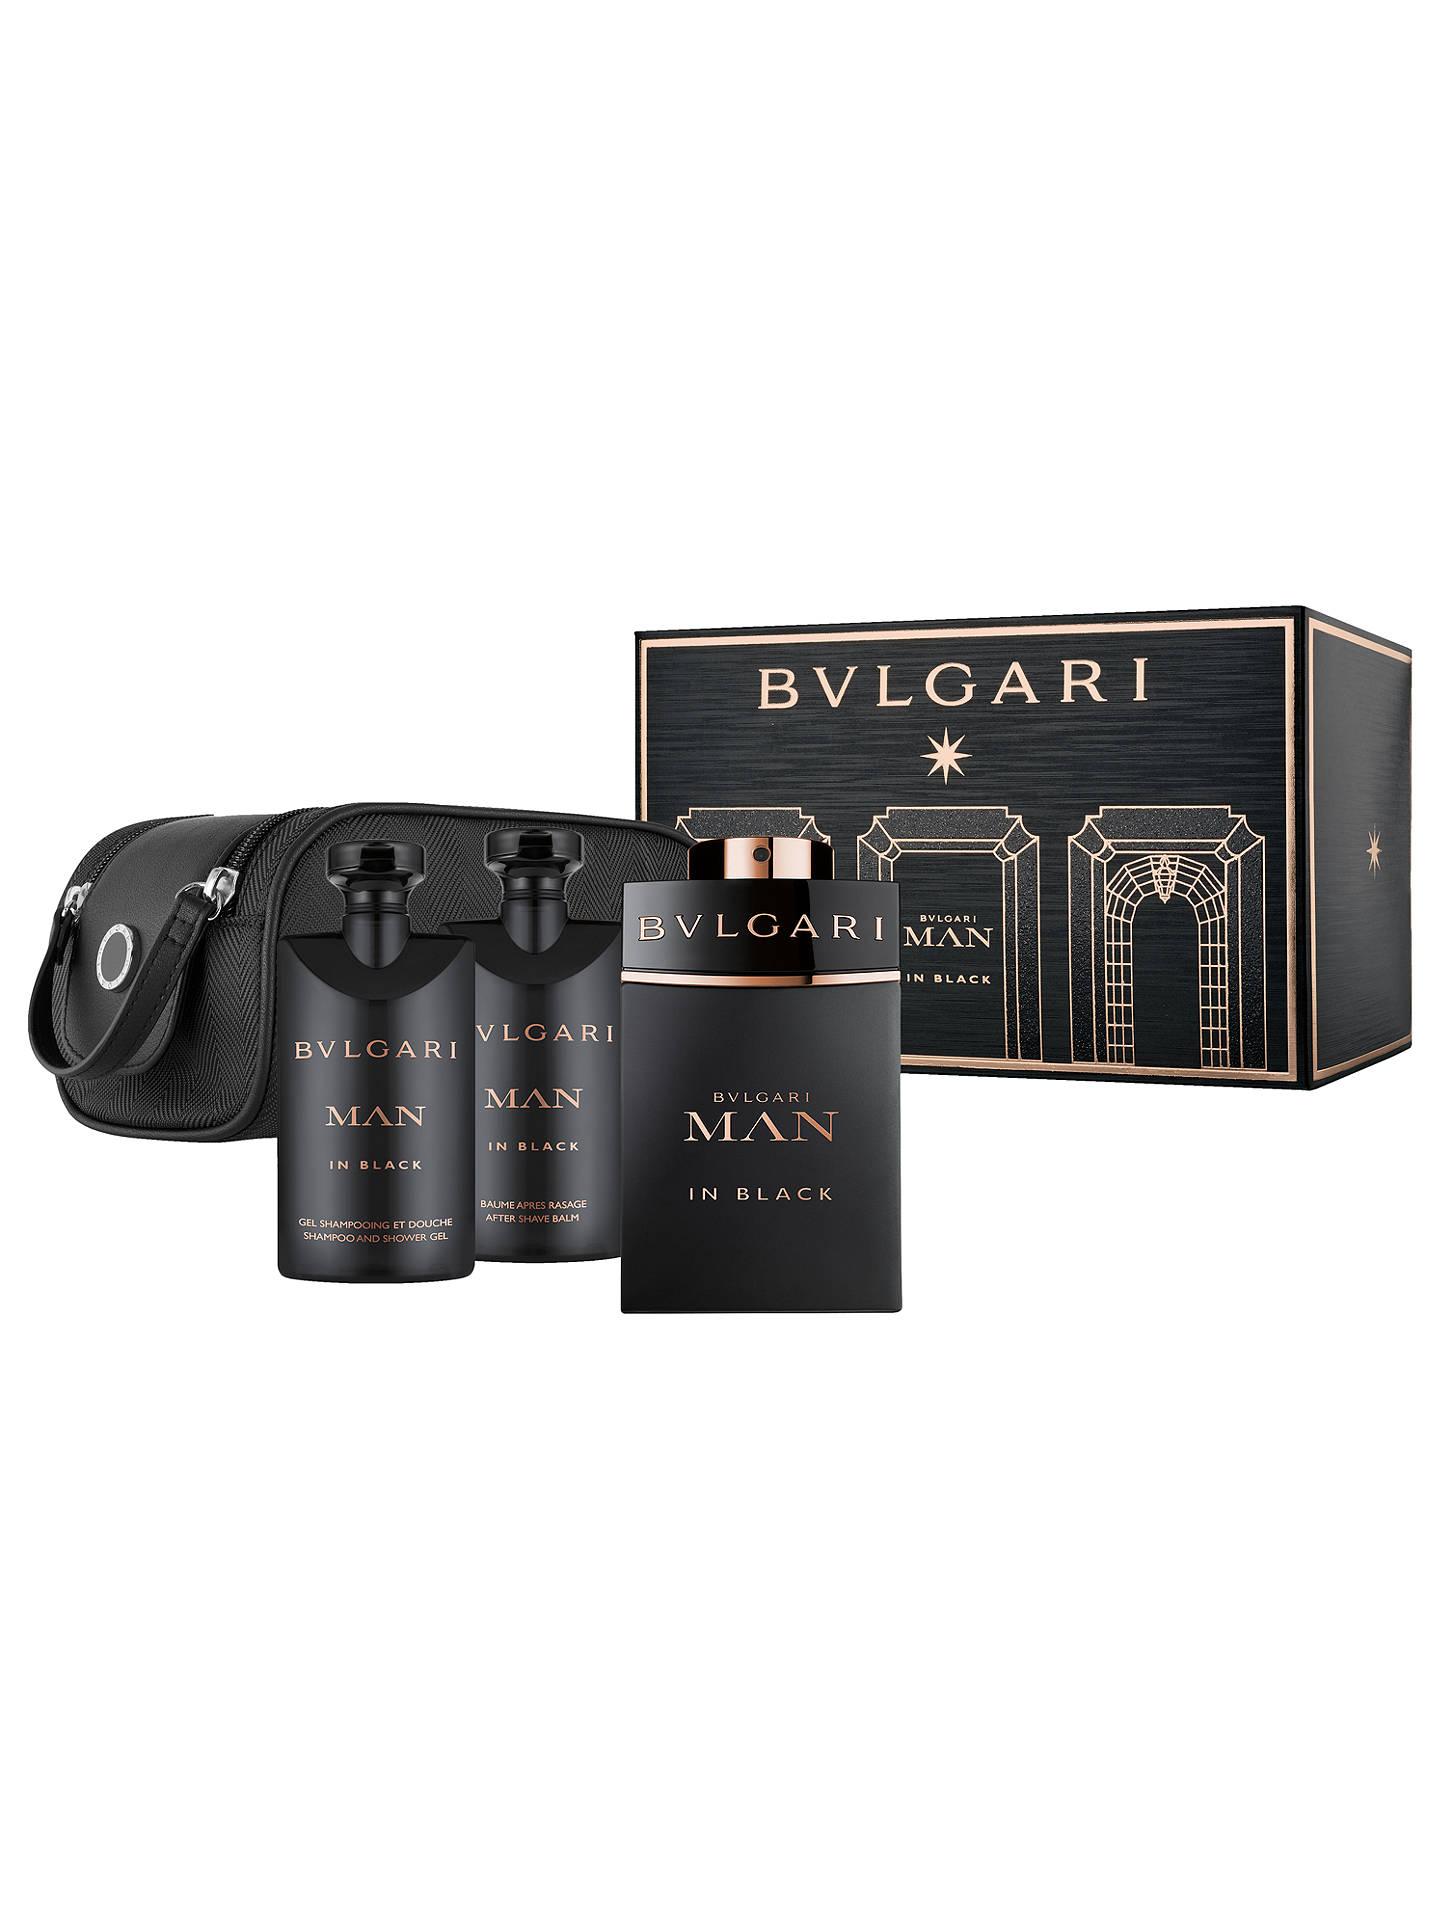 Bvlgari Man In Black 100ml Eau De Parfum Fragrance Gift Set At John Singapur Buybvlgari Online